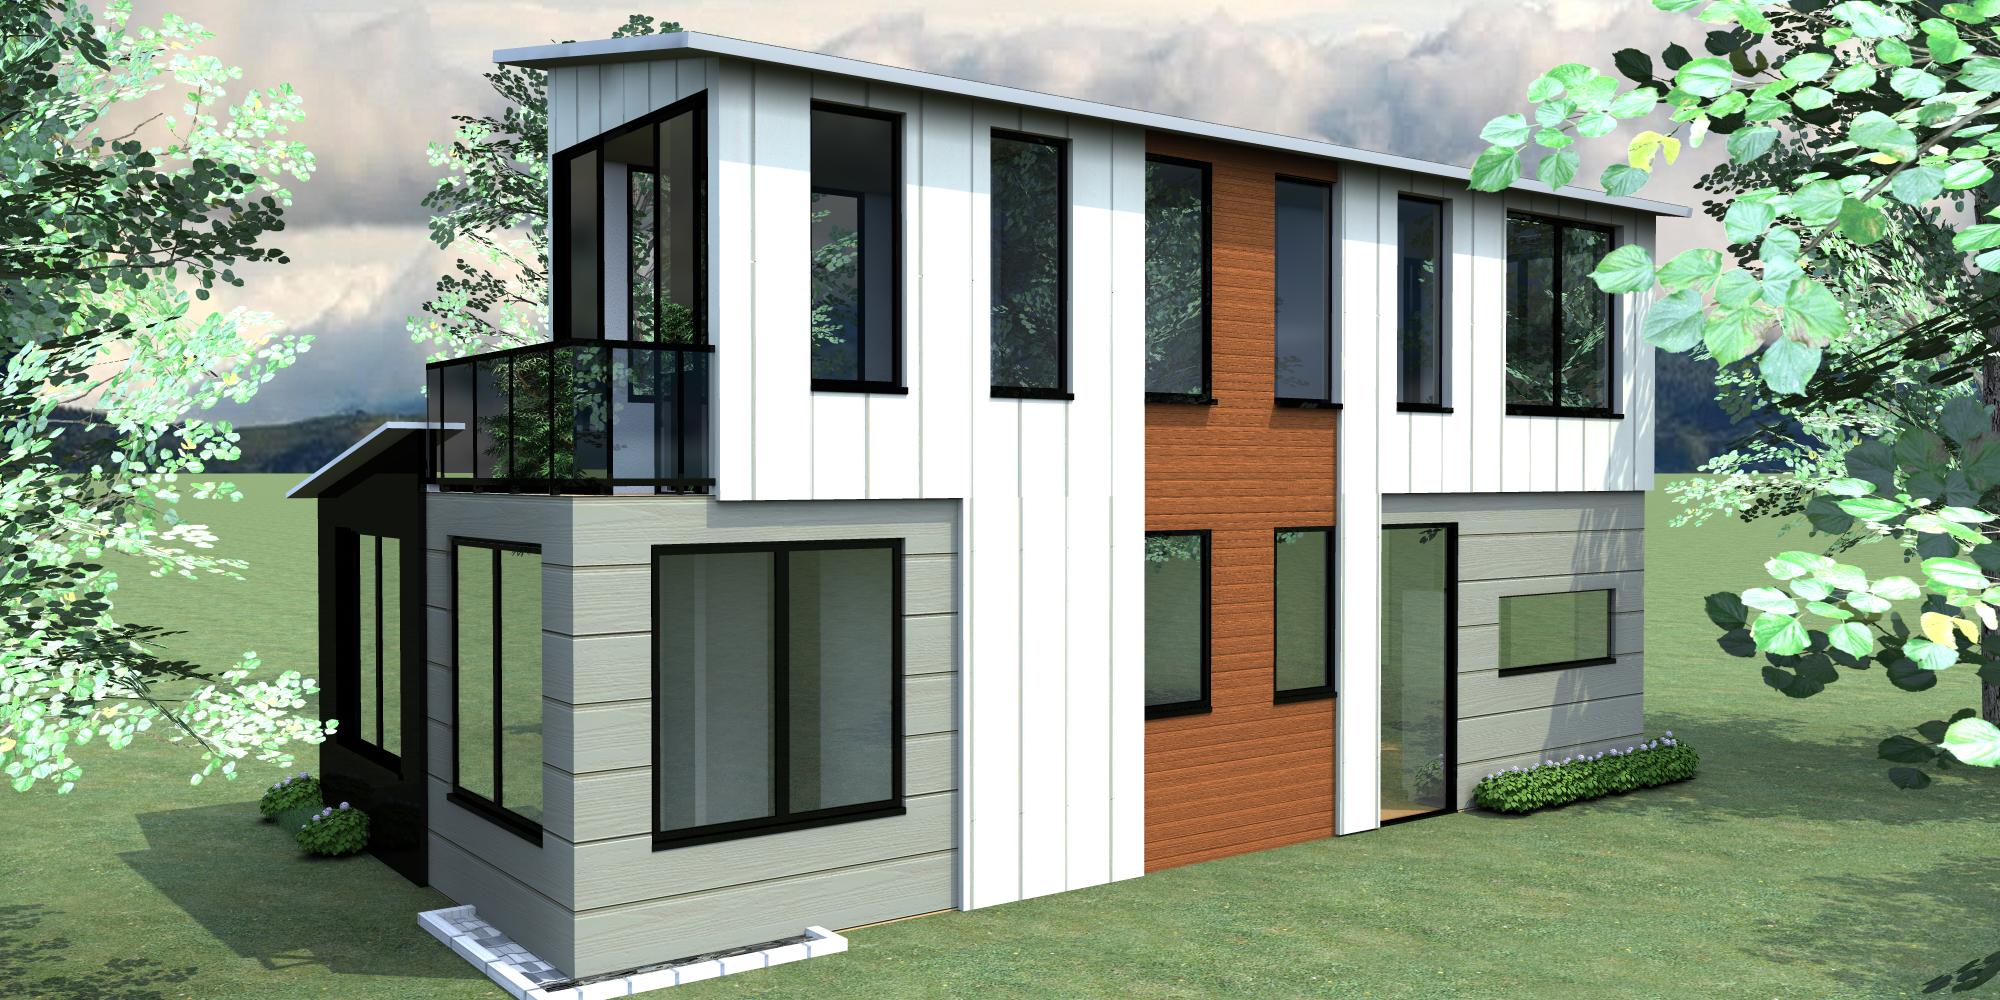 Modelo Casas FARALLONES. Vivienda contemporánea para el campo o la ...